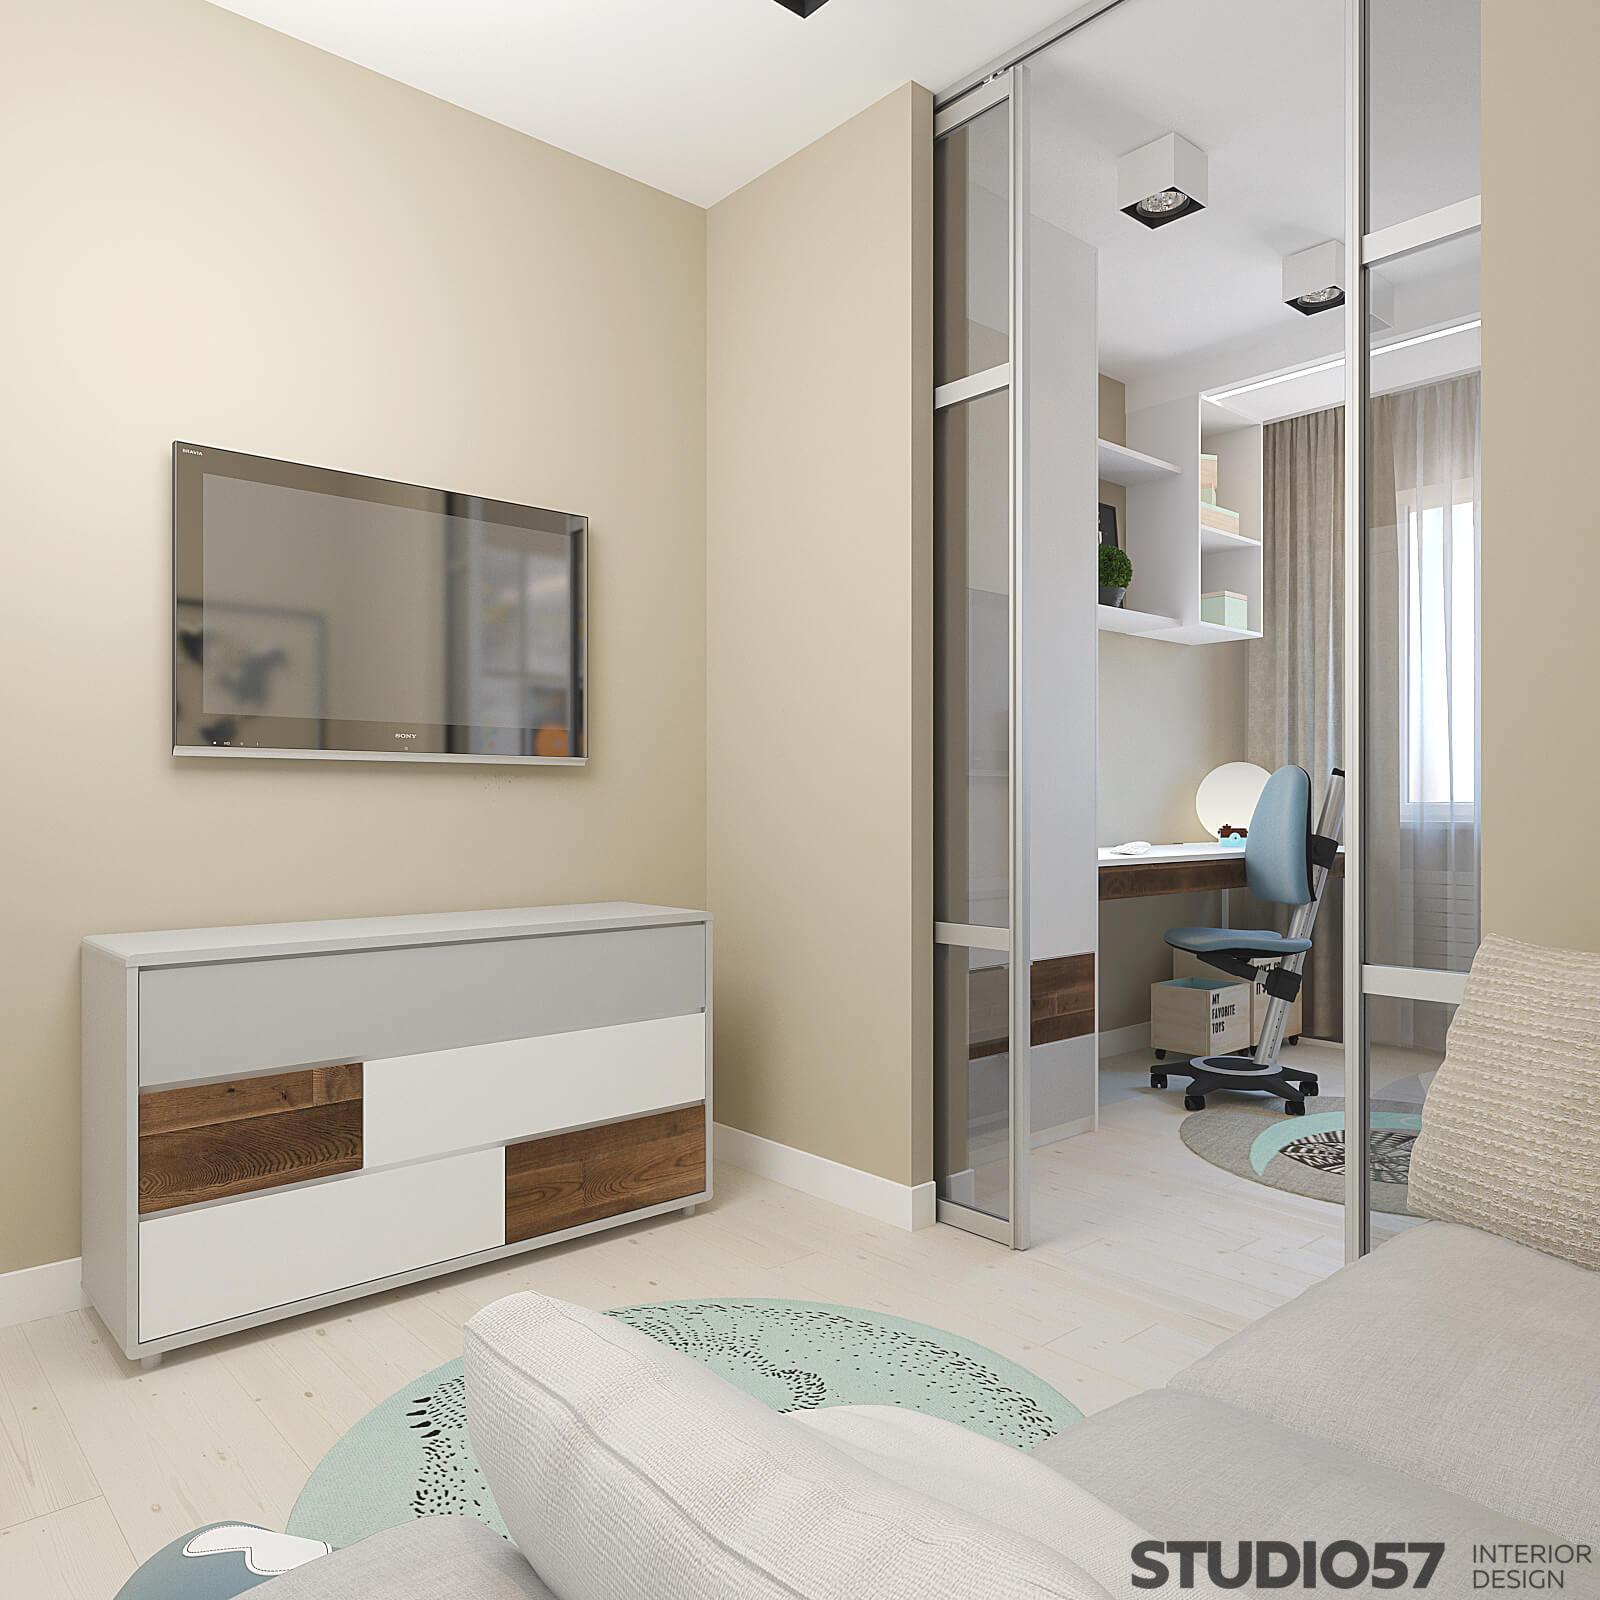 Mirror sliding doors in the room